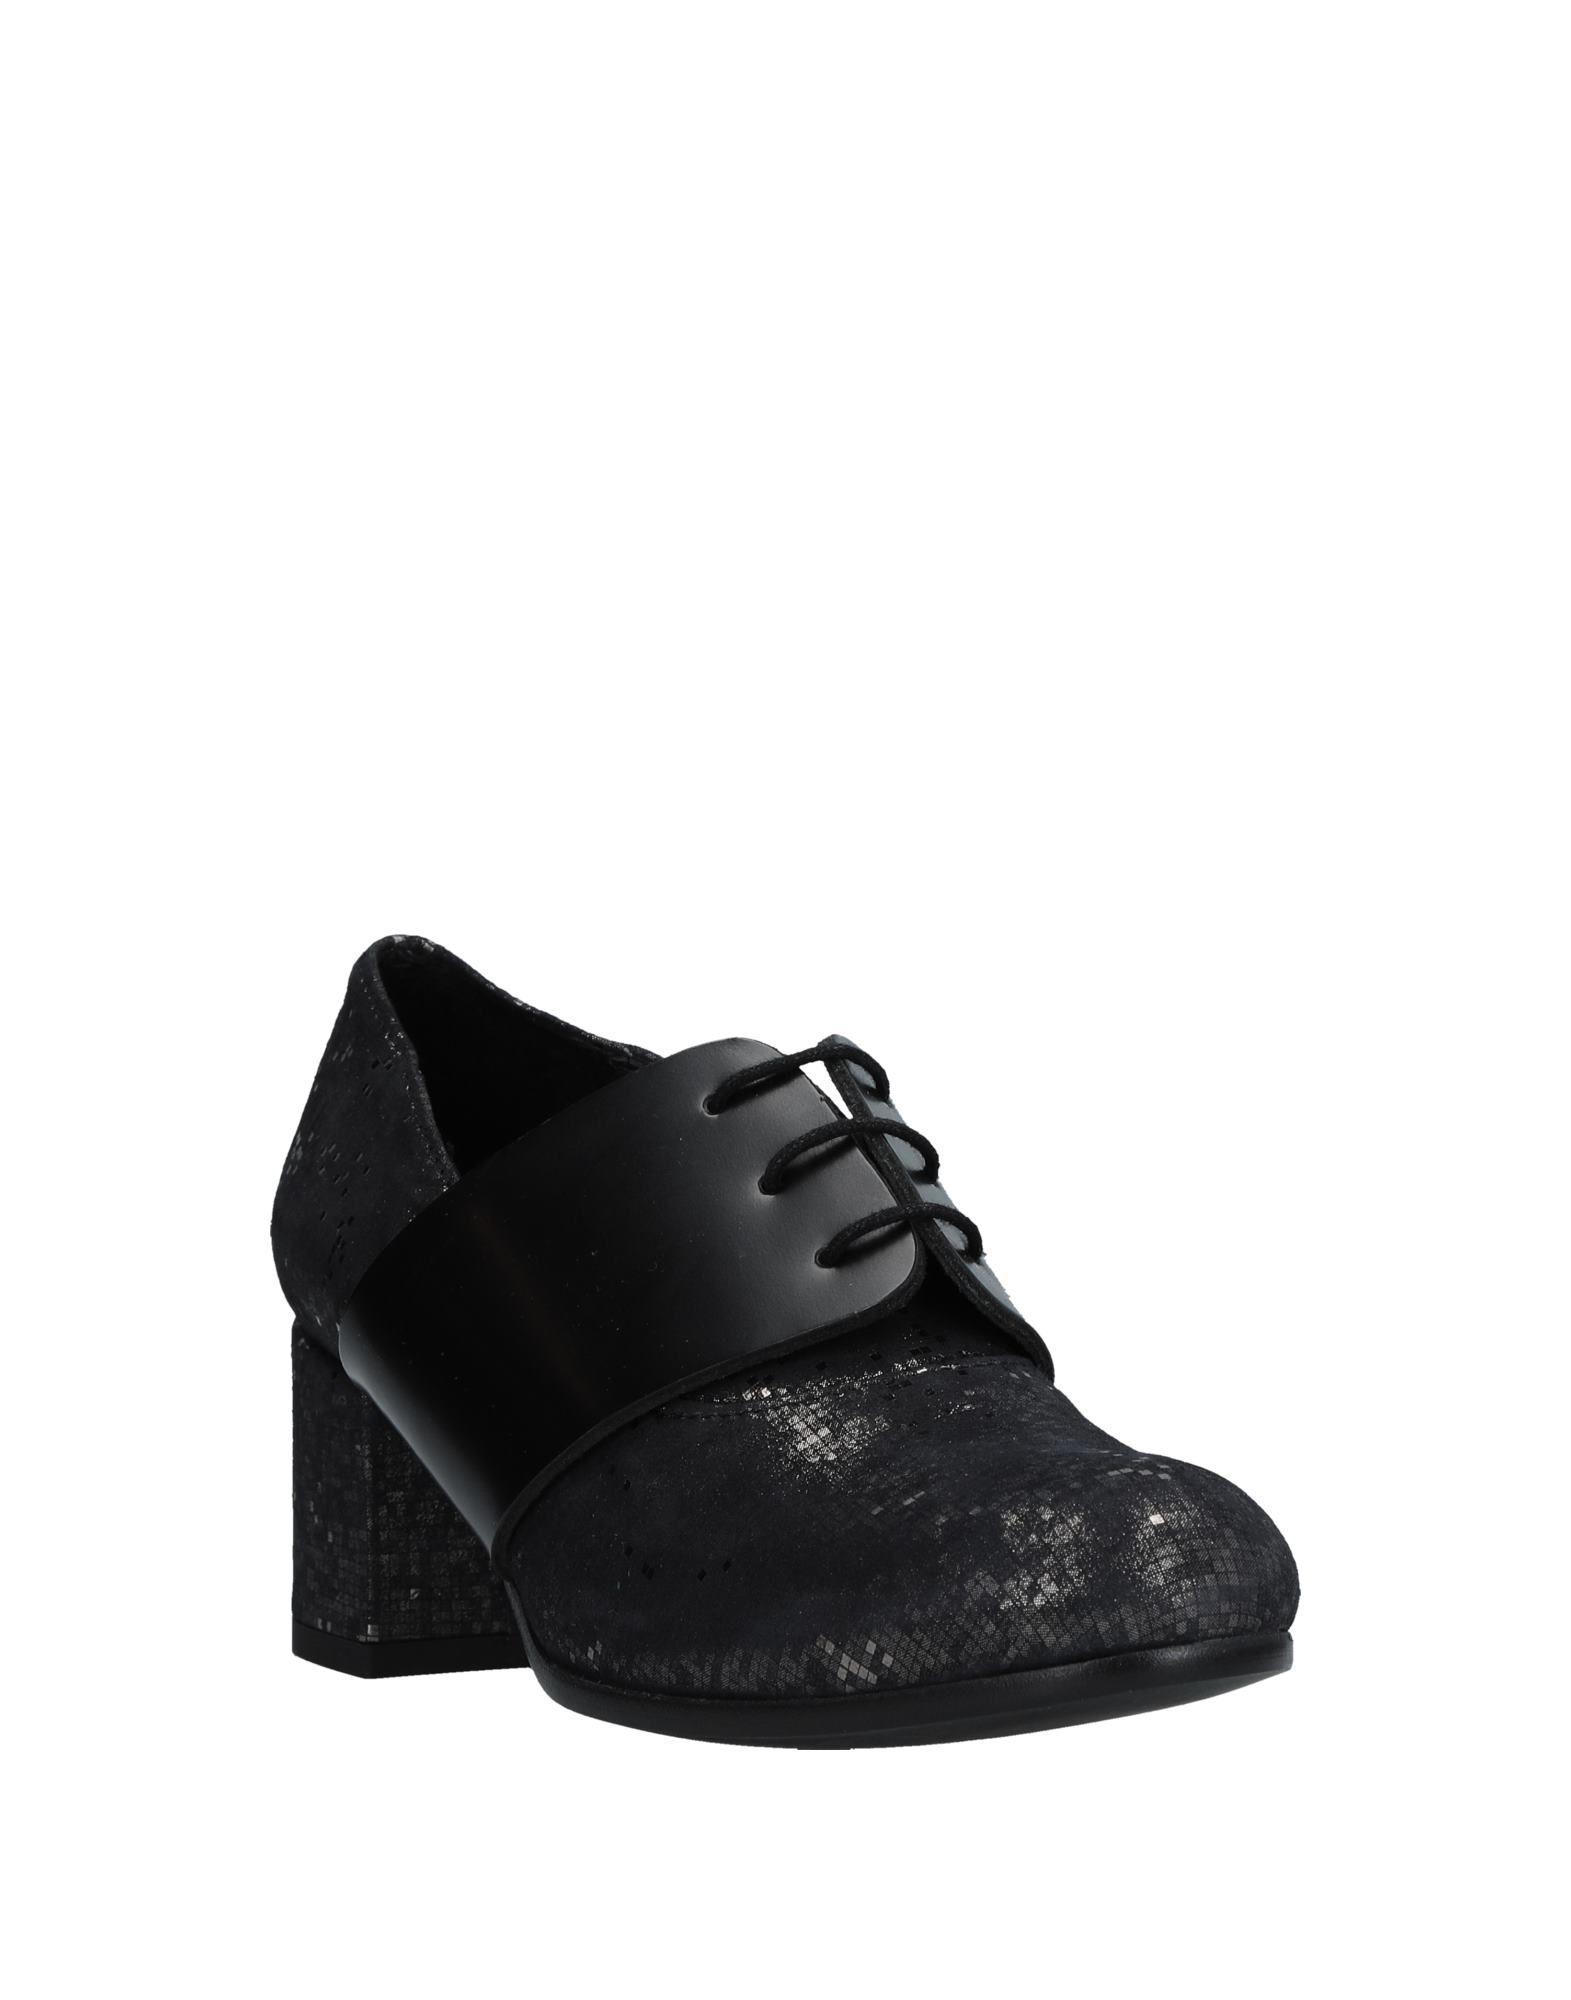 Lilimill Schnürschuhe Damen  11522466HA Gute Qualität beliebte Schuhe